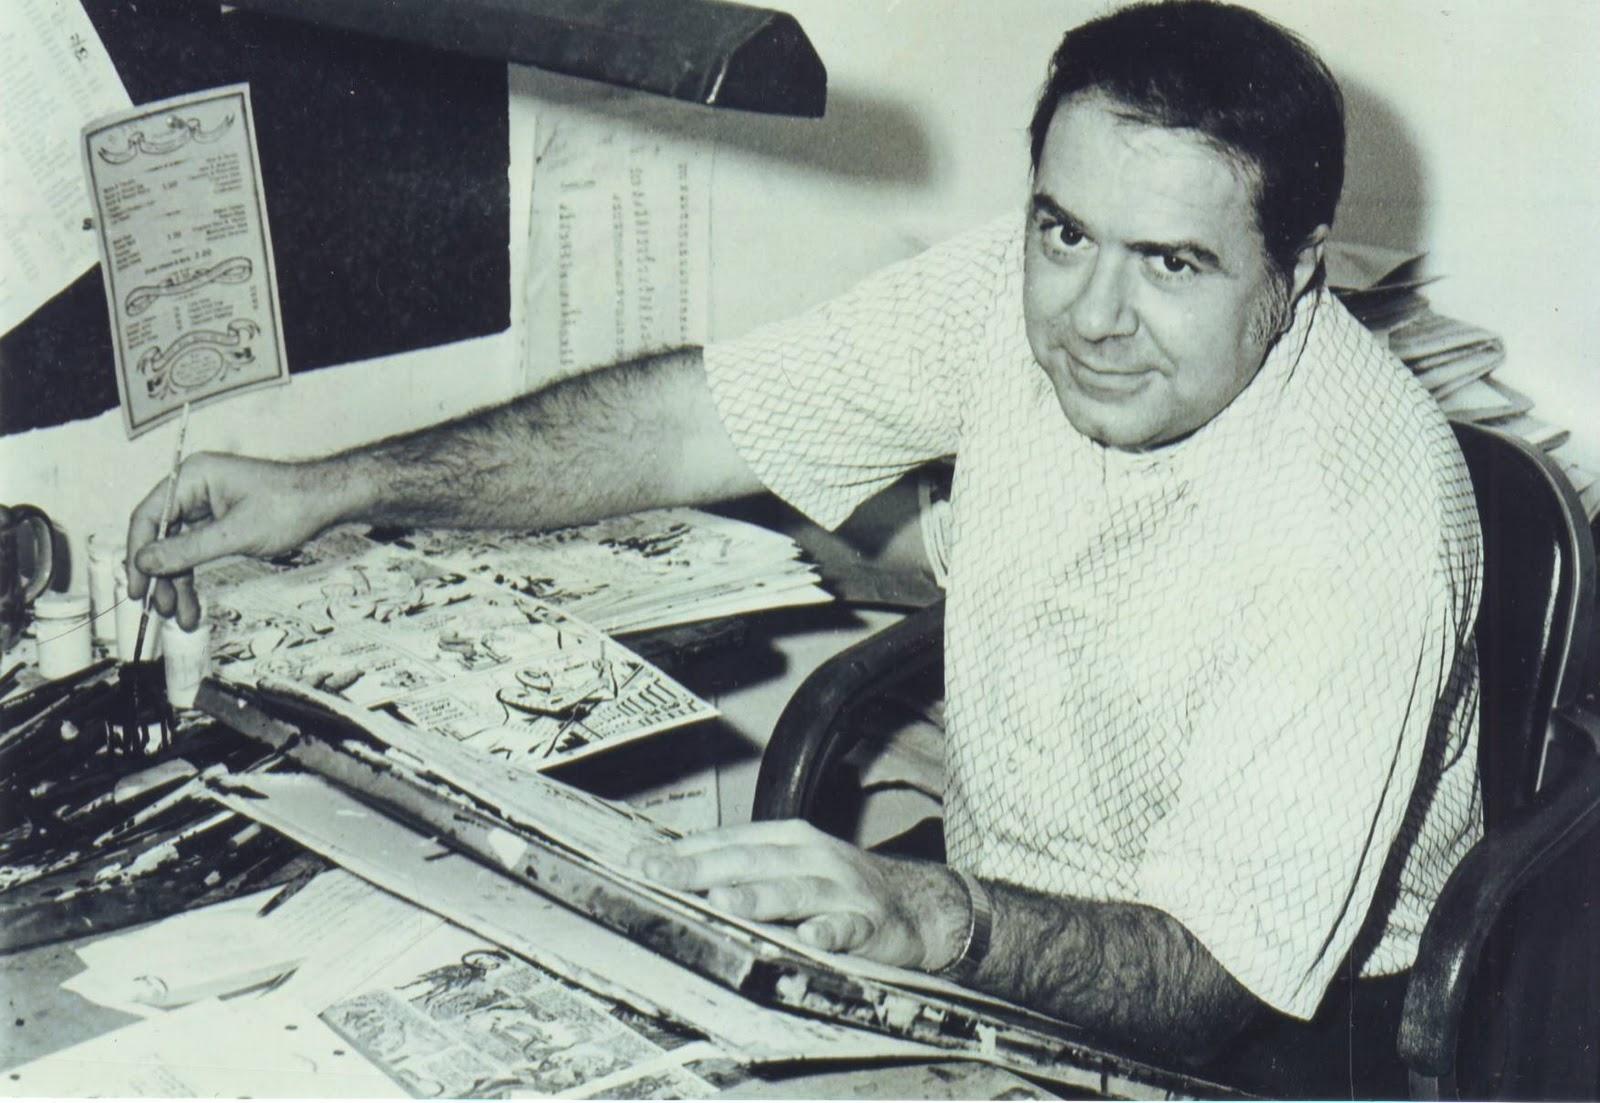 Mike Esposito at his desk.